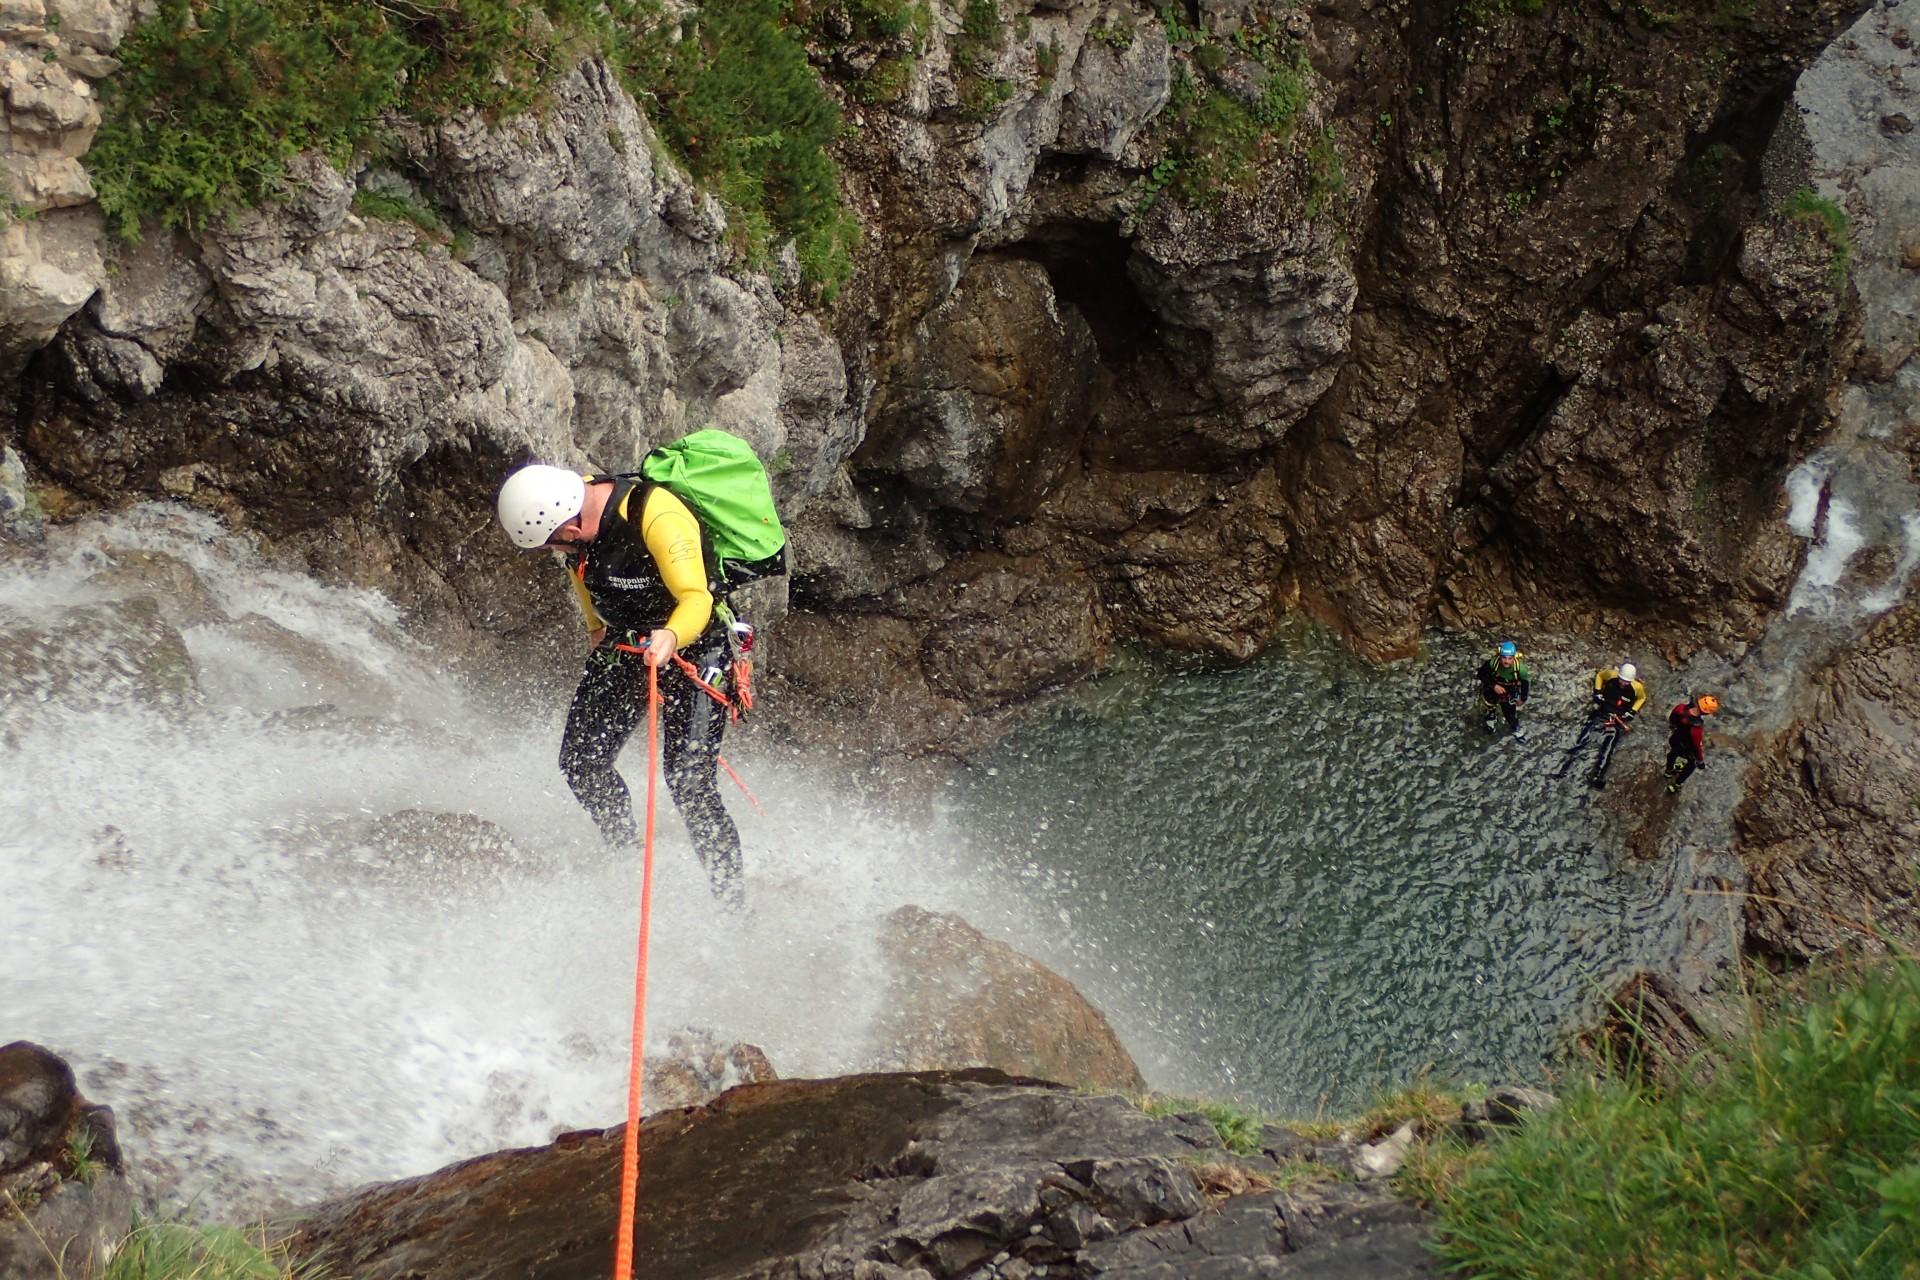 Chi può praticare canyoning e quando?